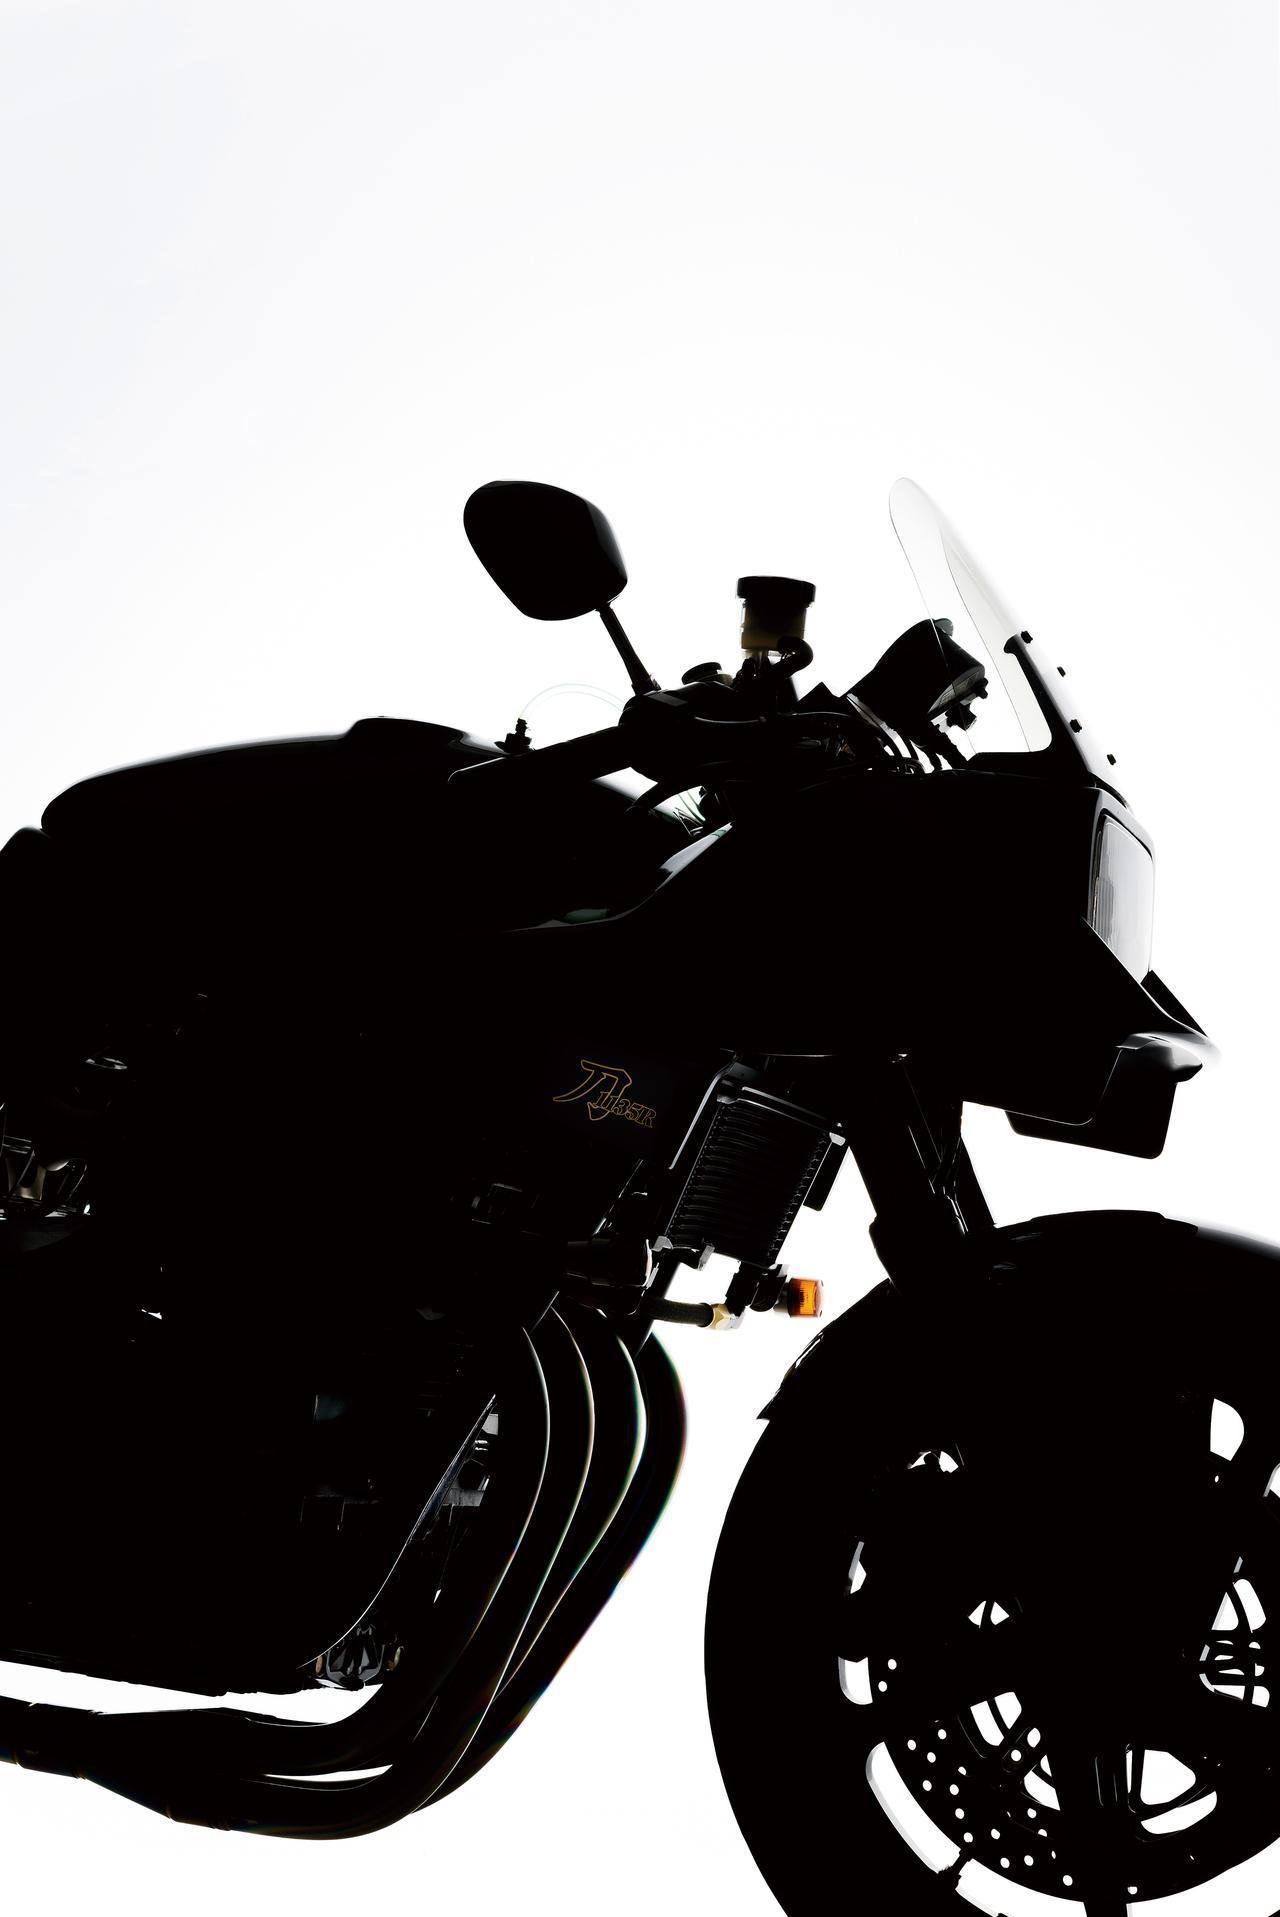 画像1: 【前編】地球上に5台だけ存在する最高峰のカタナ「ヨシムラ KATANA 1135R」-2001年-【日本のバイク遺産】〜ヨシムラとモリワキ〜